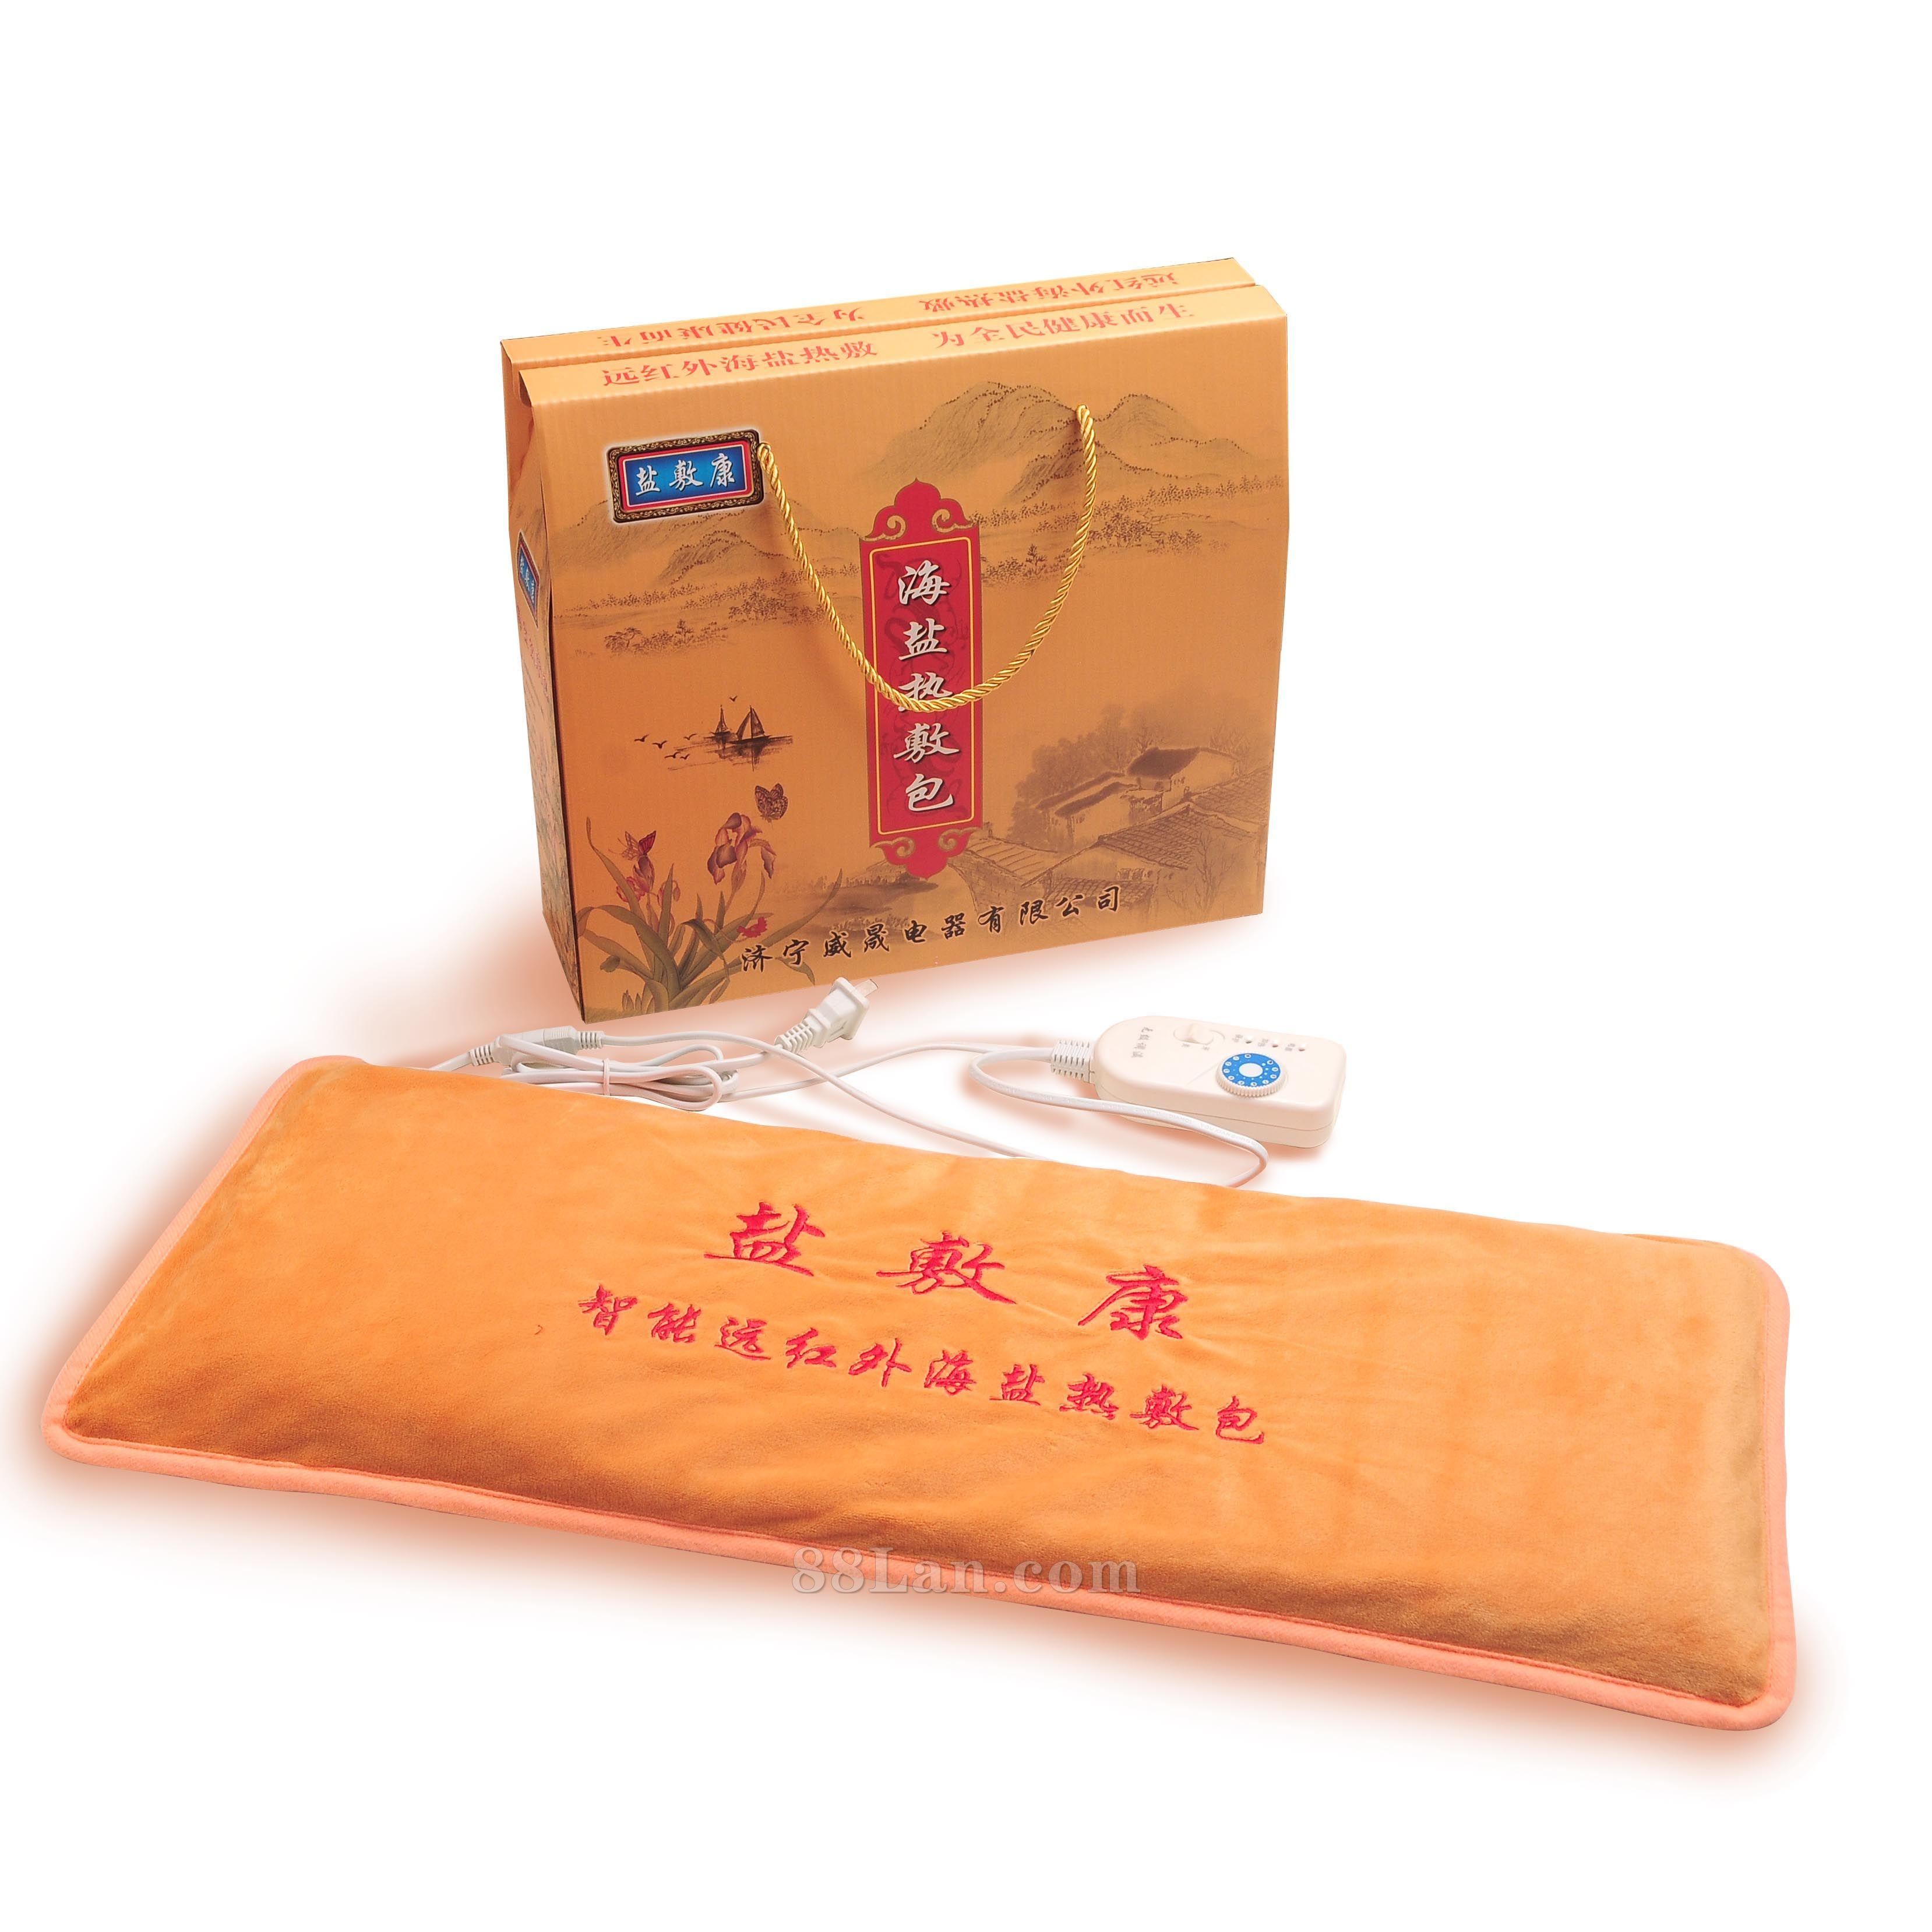 远红外海盐理疗热敷包